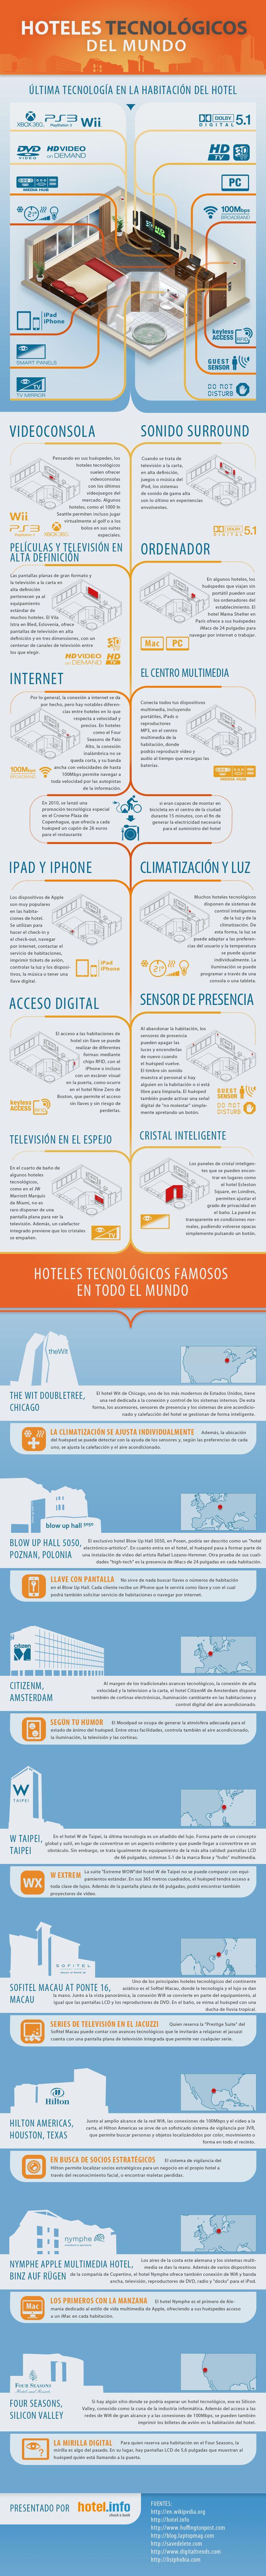 Volver al Futuro: innovación Tecnológica Hotelera #Infografía